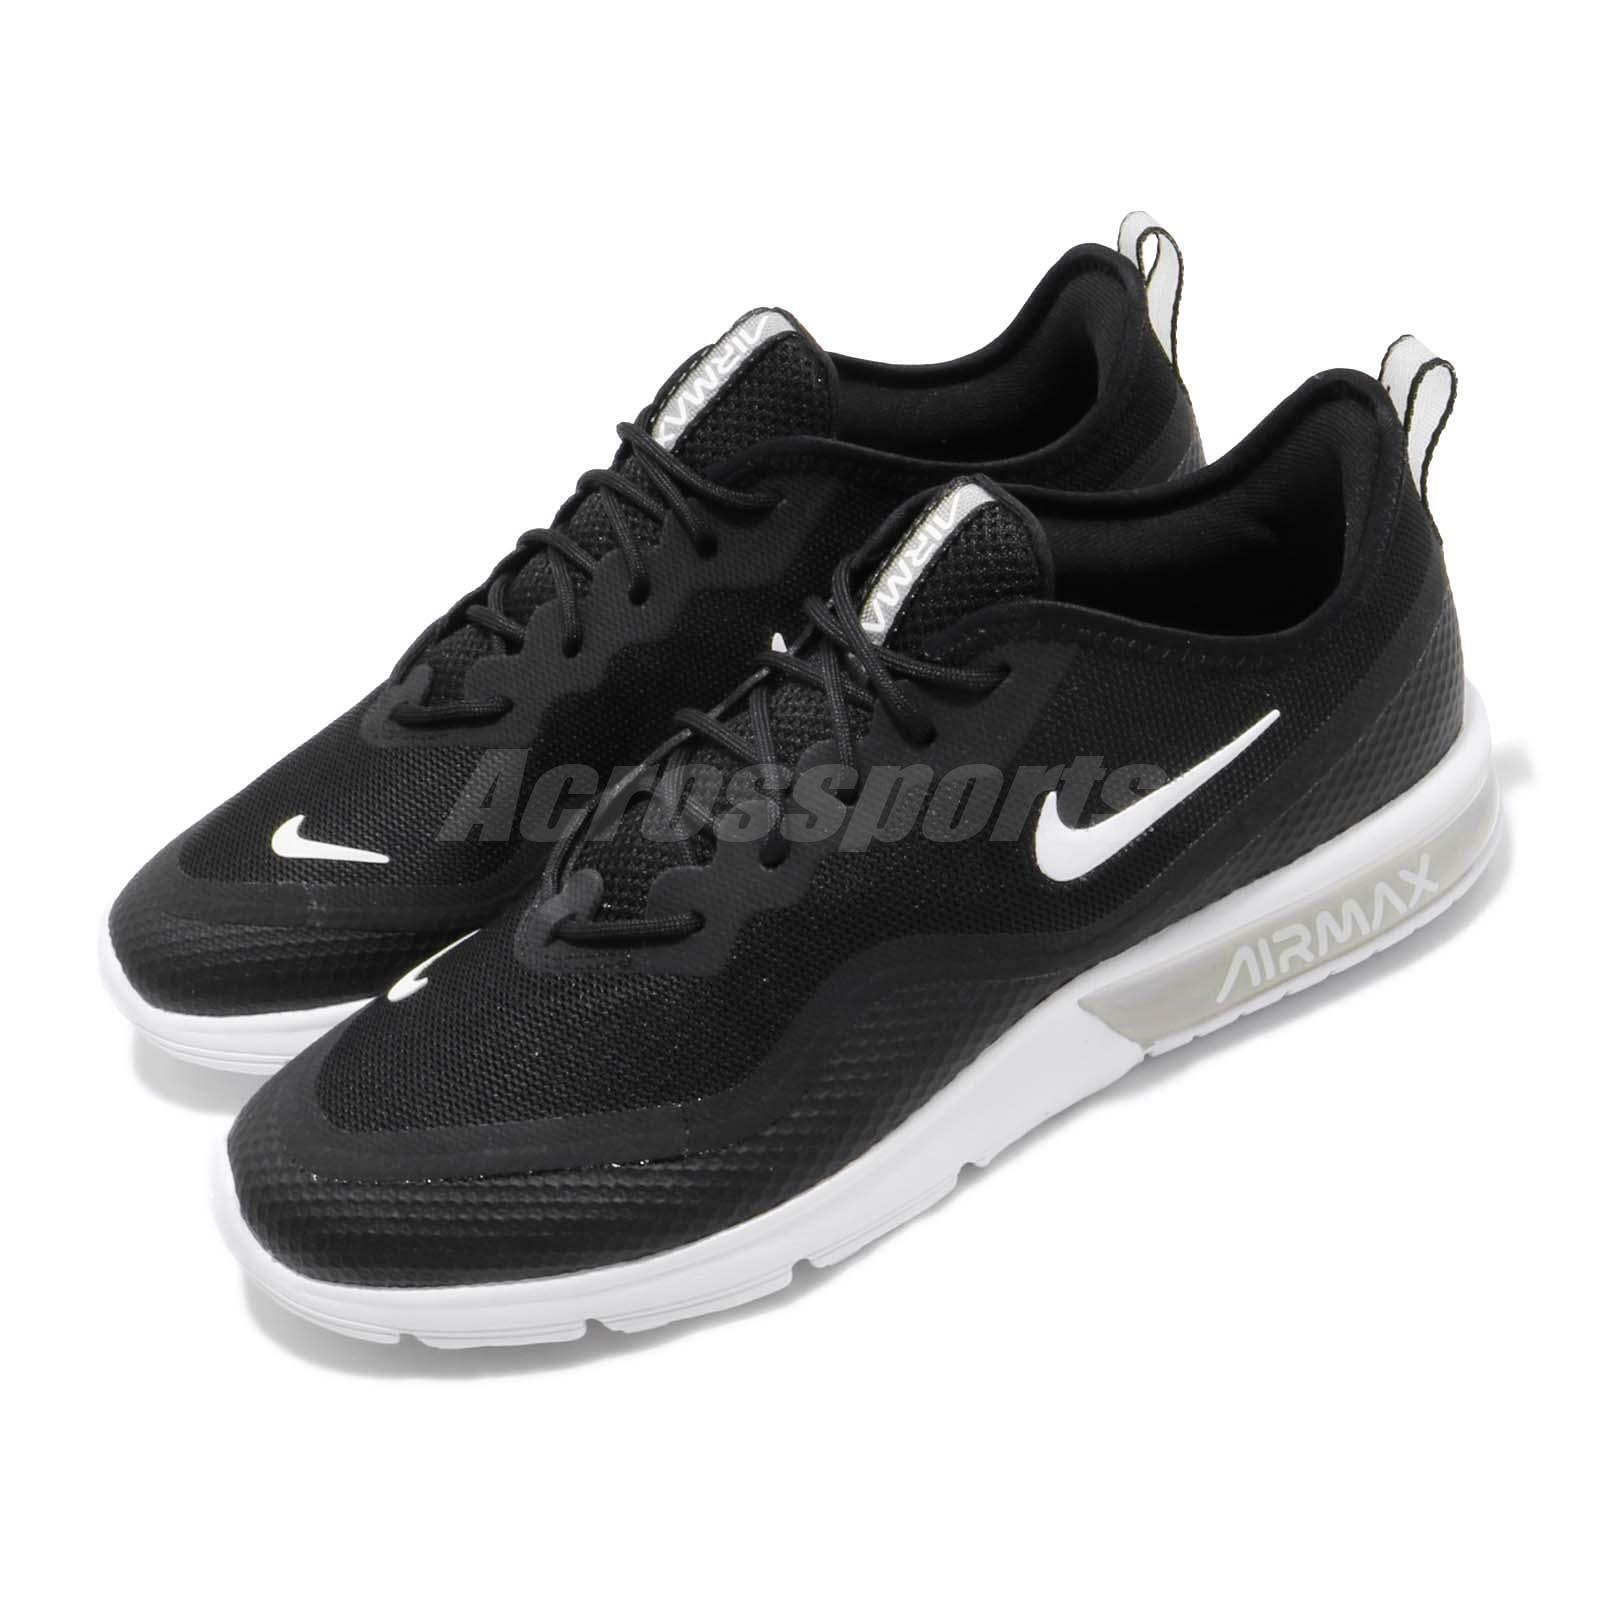 neue sadie Max Air Nike Sequent schwarz Weiß Men Running